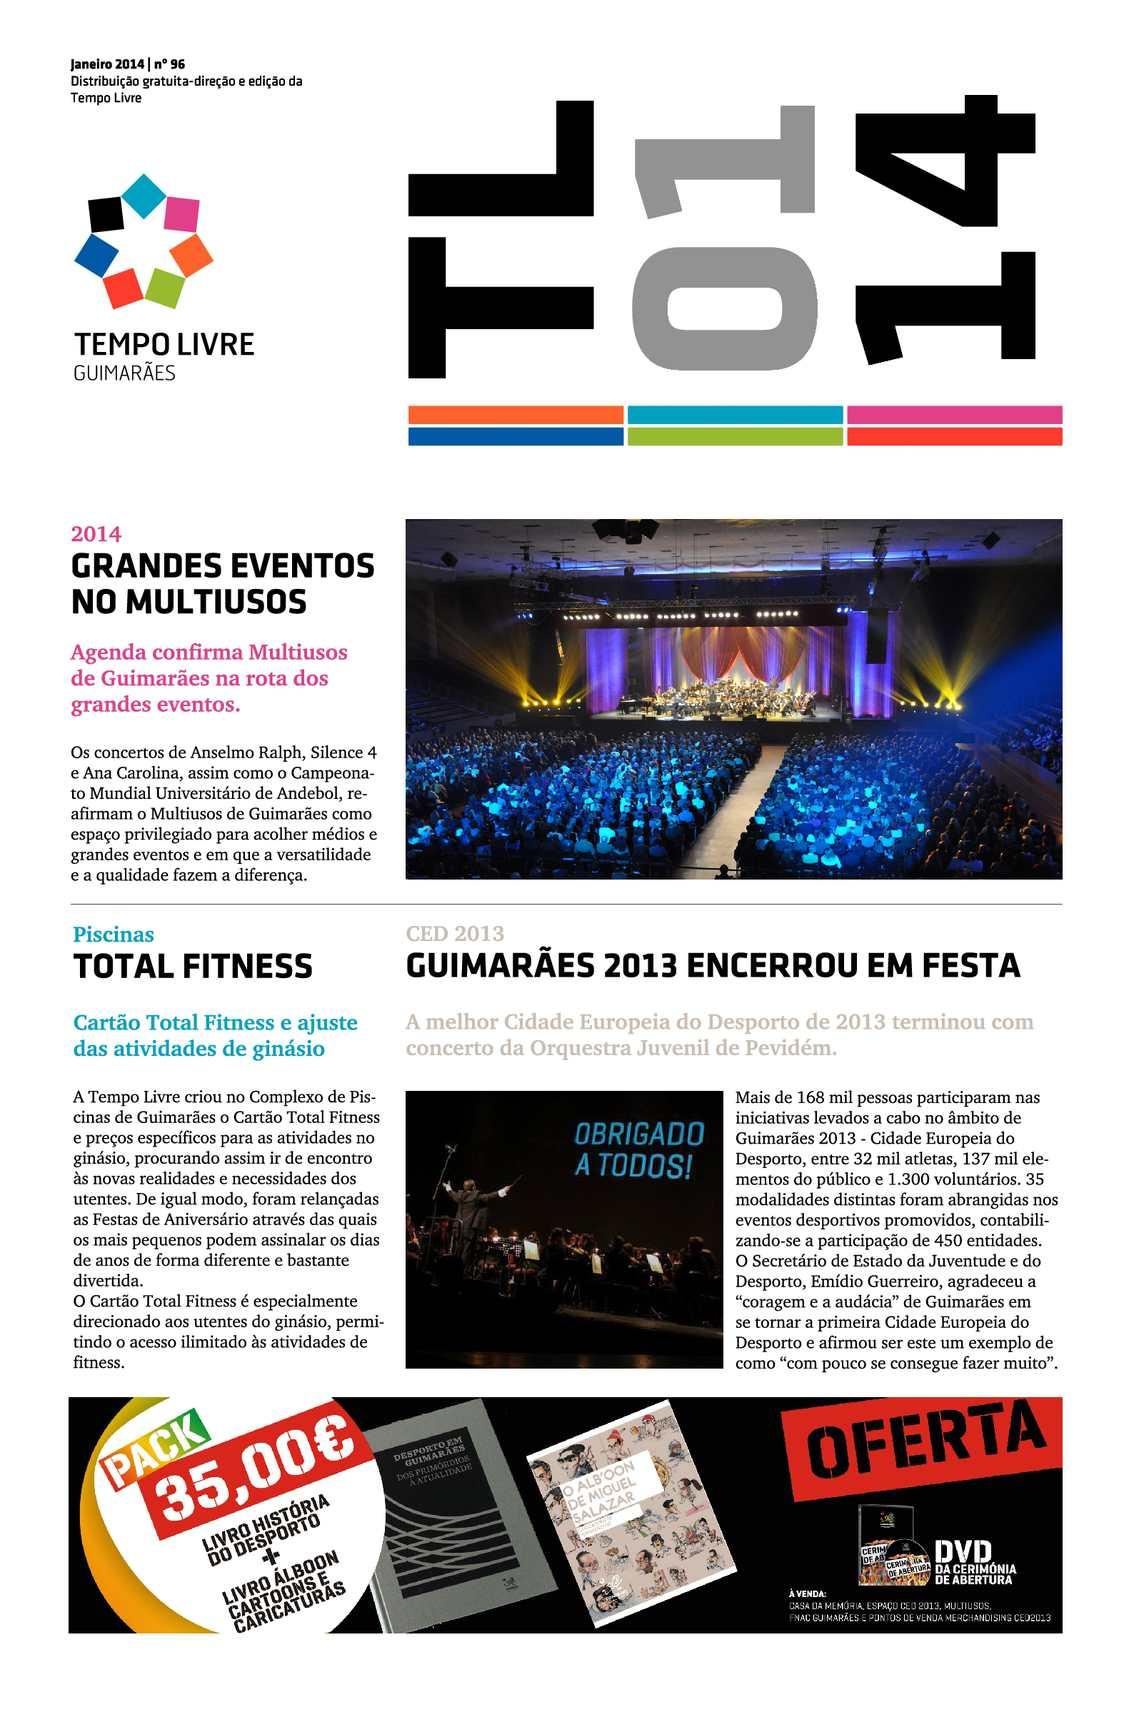 Boletim informativo da Tempo Livre - janeiro de 2014